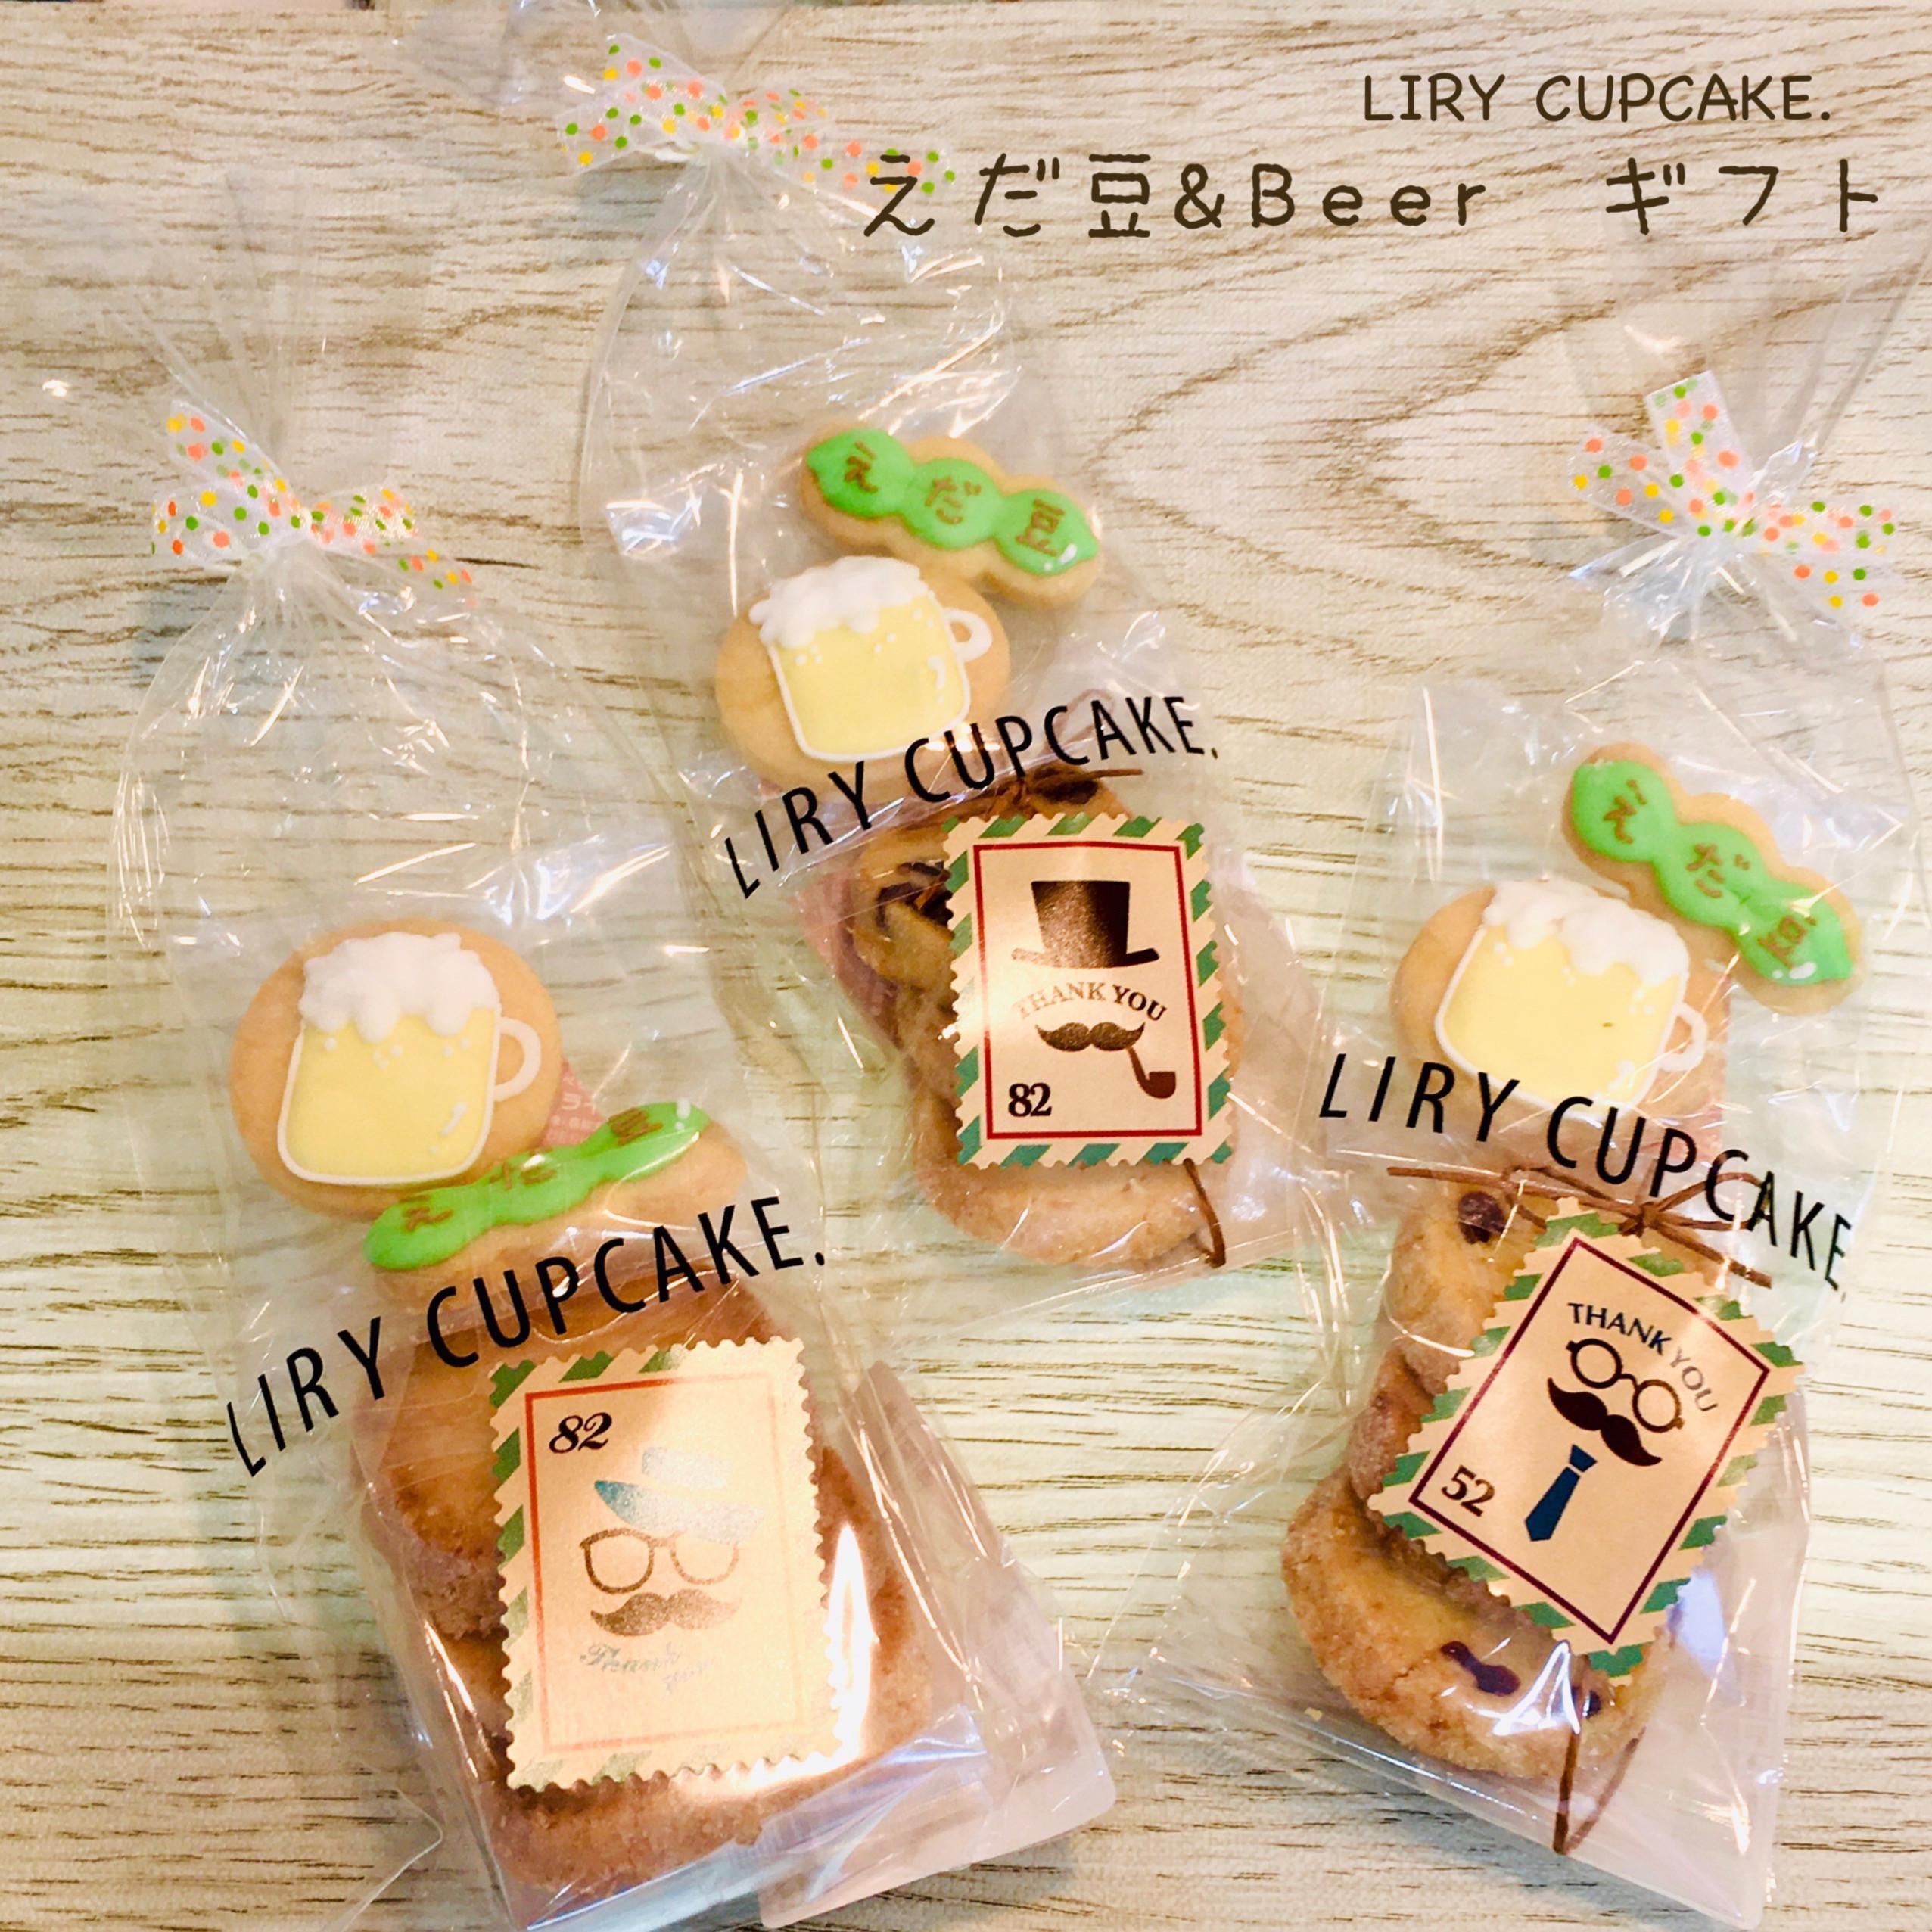 えだ豆and Beer ギフト☆ アイシングクッキーと焼菓子 ¥600 Thank youシールつき♪  シールなしもあります♡ お声かけください☺︎>